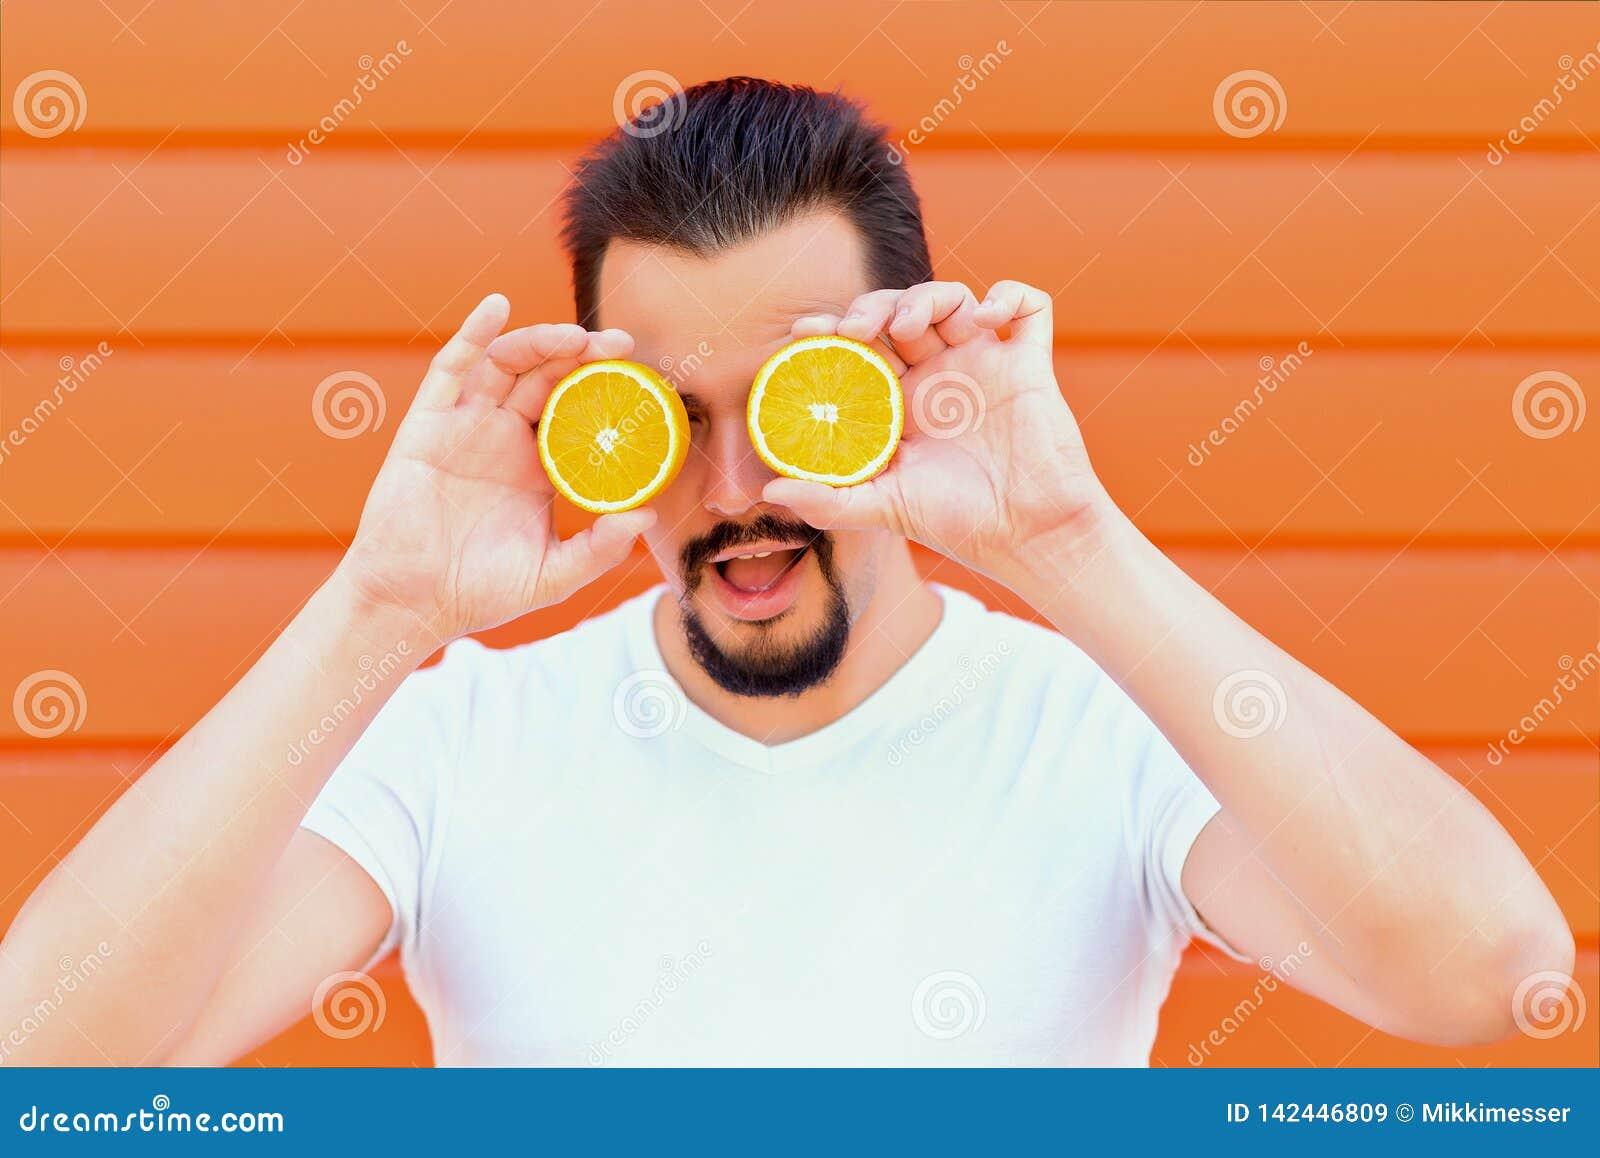 Fraîcheur et mode de vie sain : portrait d homme sexy bel avec les yeux de dissimulation de barbe derrière les oranges coupées en